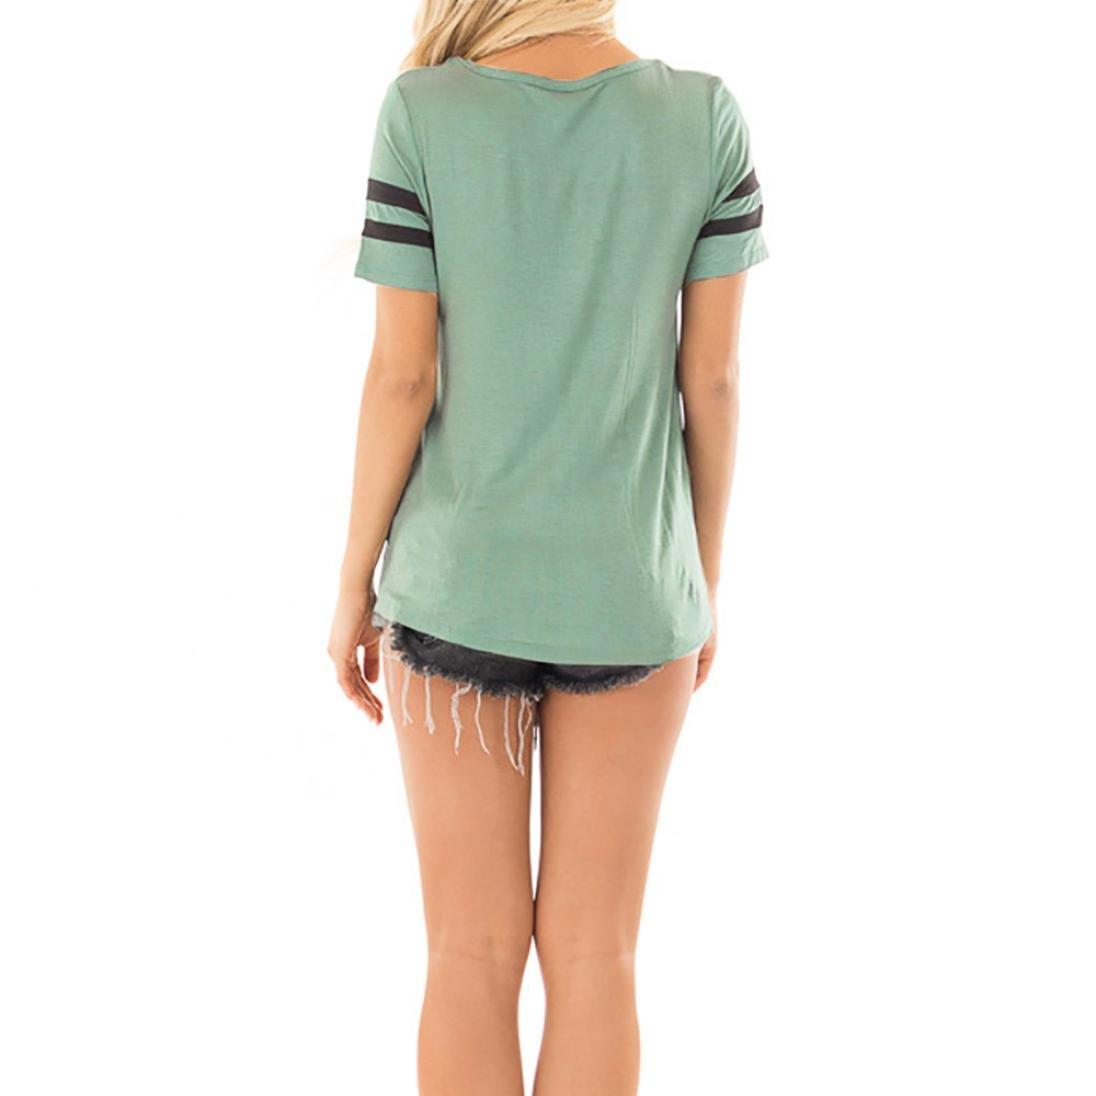 OHQ Camiseta de Manga Larga con Cuello EN v Cruzada de Mujer Criss Tops, Blusas de Mujer y Tops de Moda, Blusas Blusas Para Mujeres Blusas Para Mujer Moda ...